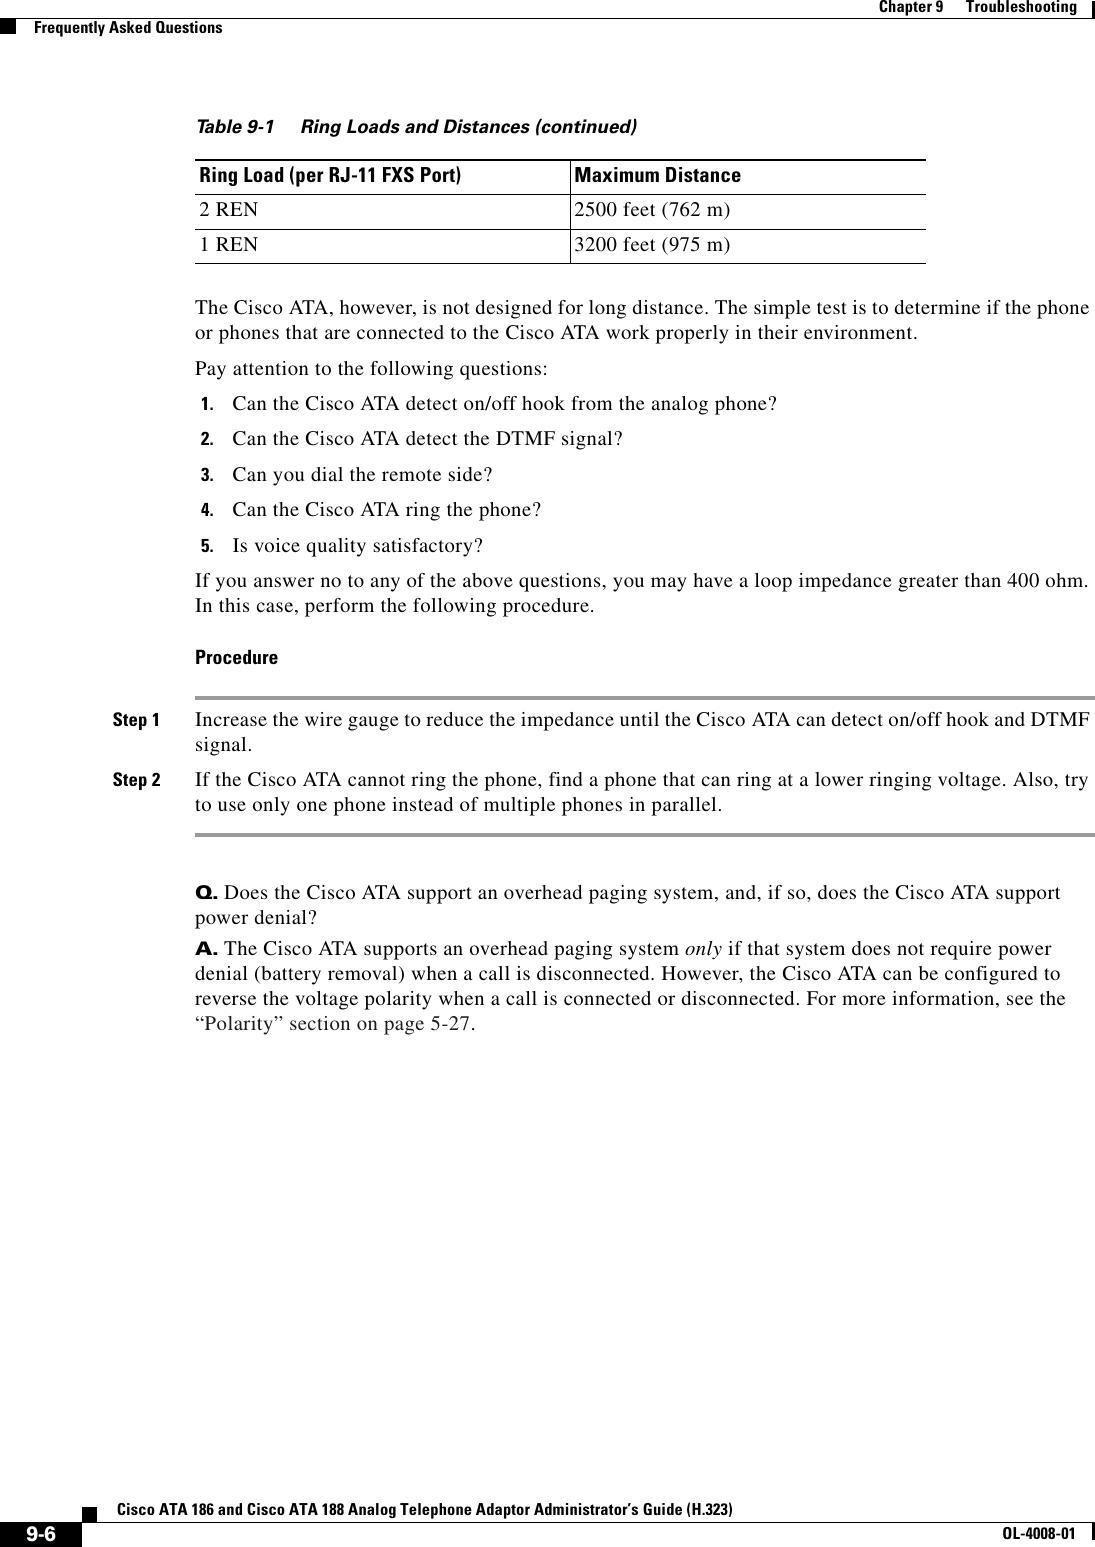 Cisco Systems Ata 188 Administrators Guide